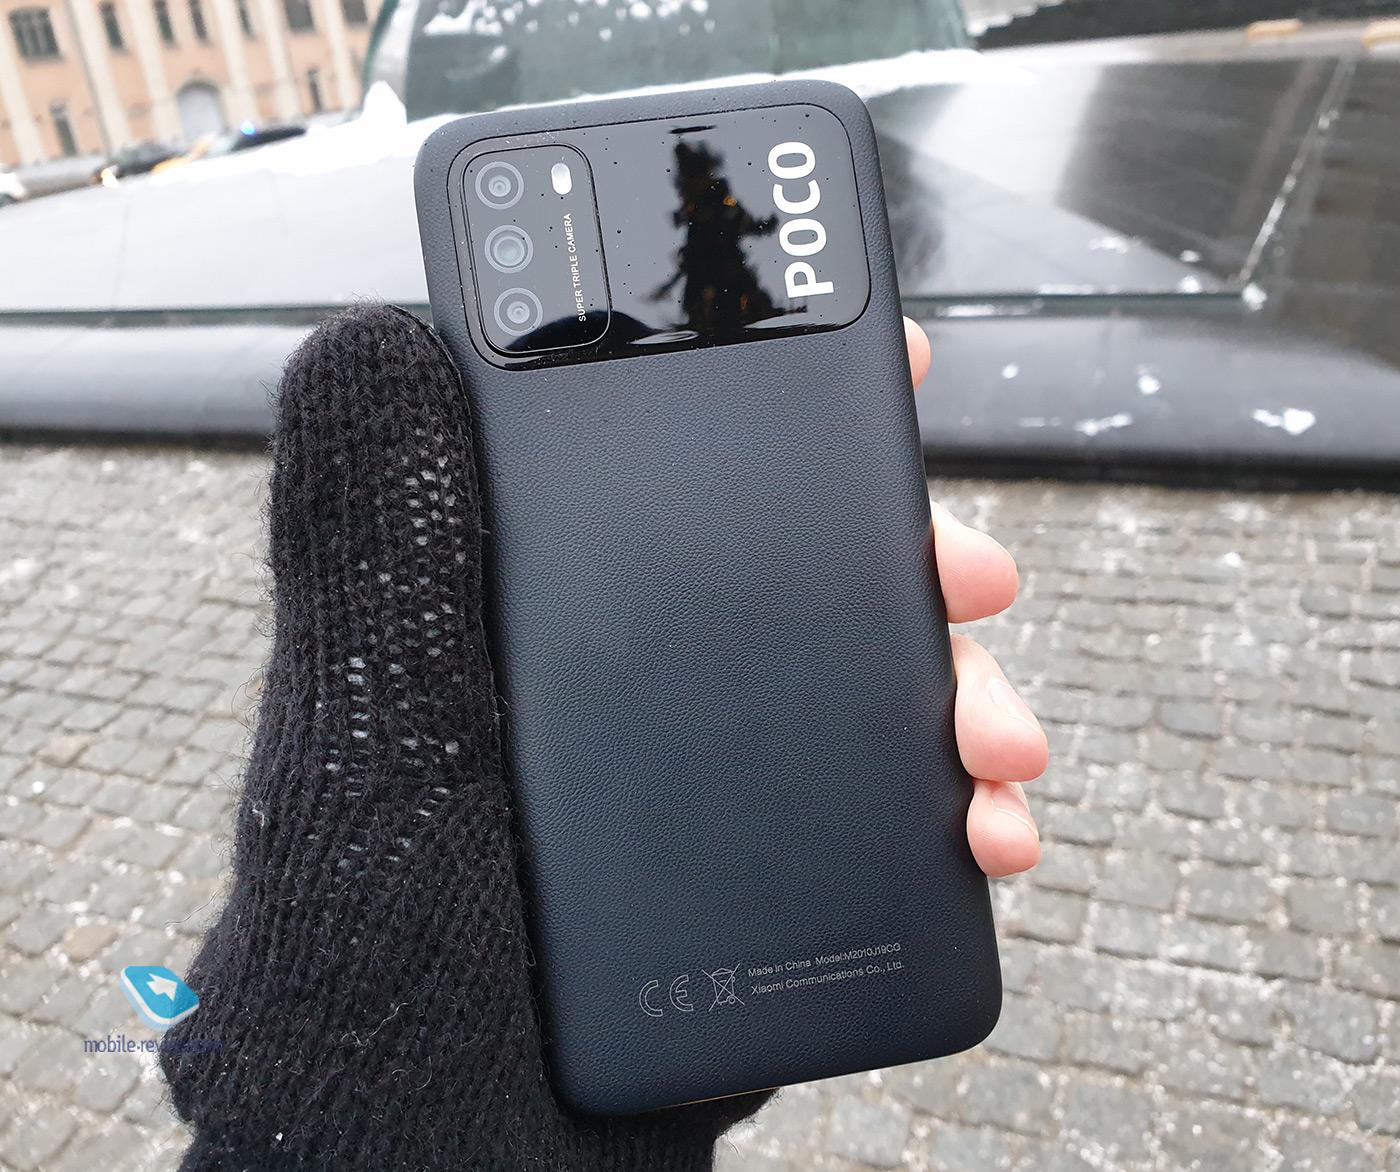 5 самых интересных смартфонов на февраль 2021 года смартфон, Gorilla, датчик, работы, Corning, точек, зарядка, очень, Galaxy, Glass, Snapdragon, памяти, дюйма, Samsung, стоит, время, можно, HDR10, яркости, беспроводная